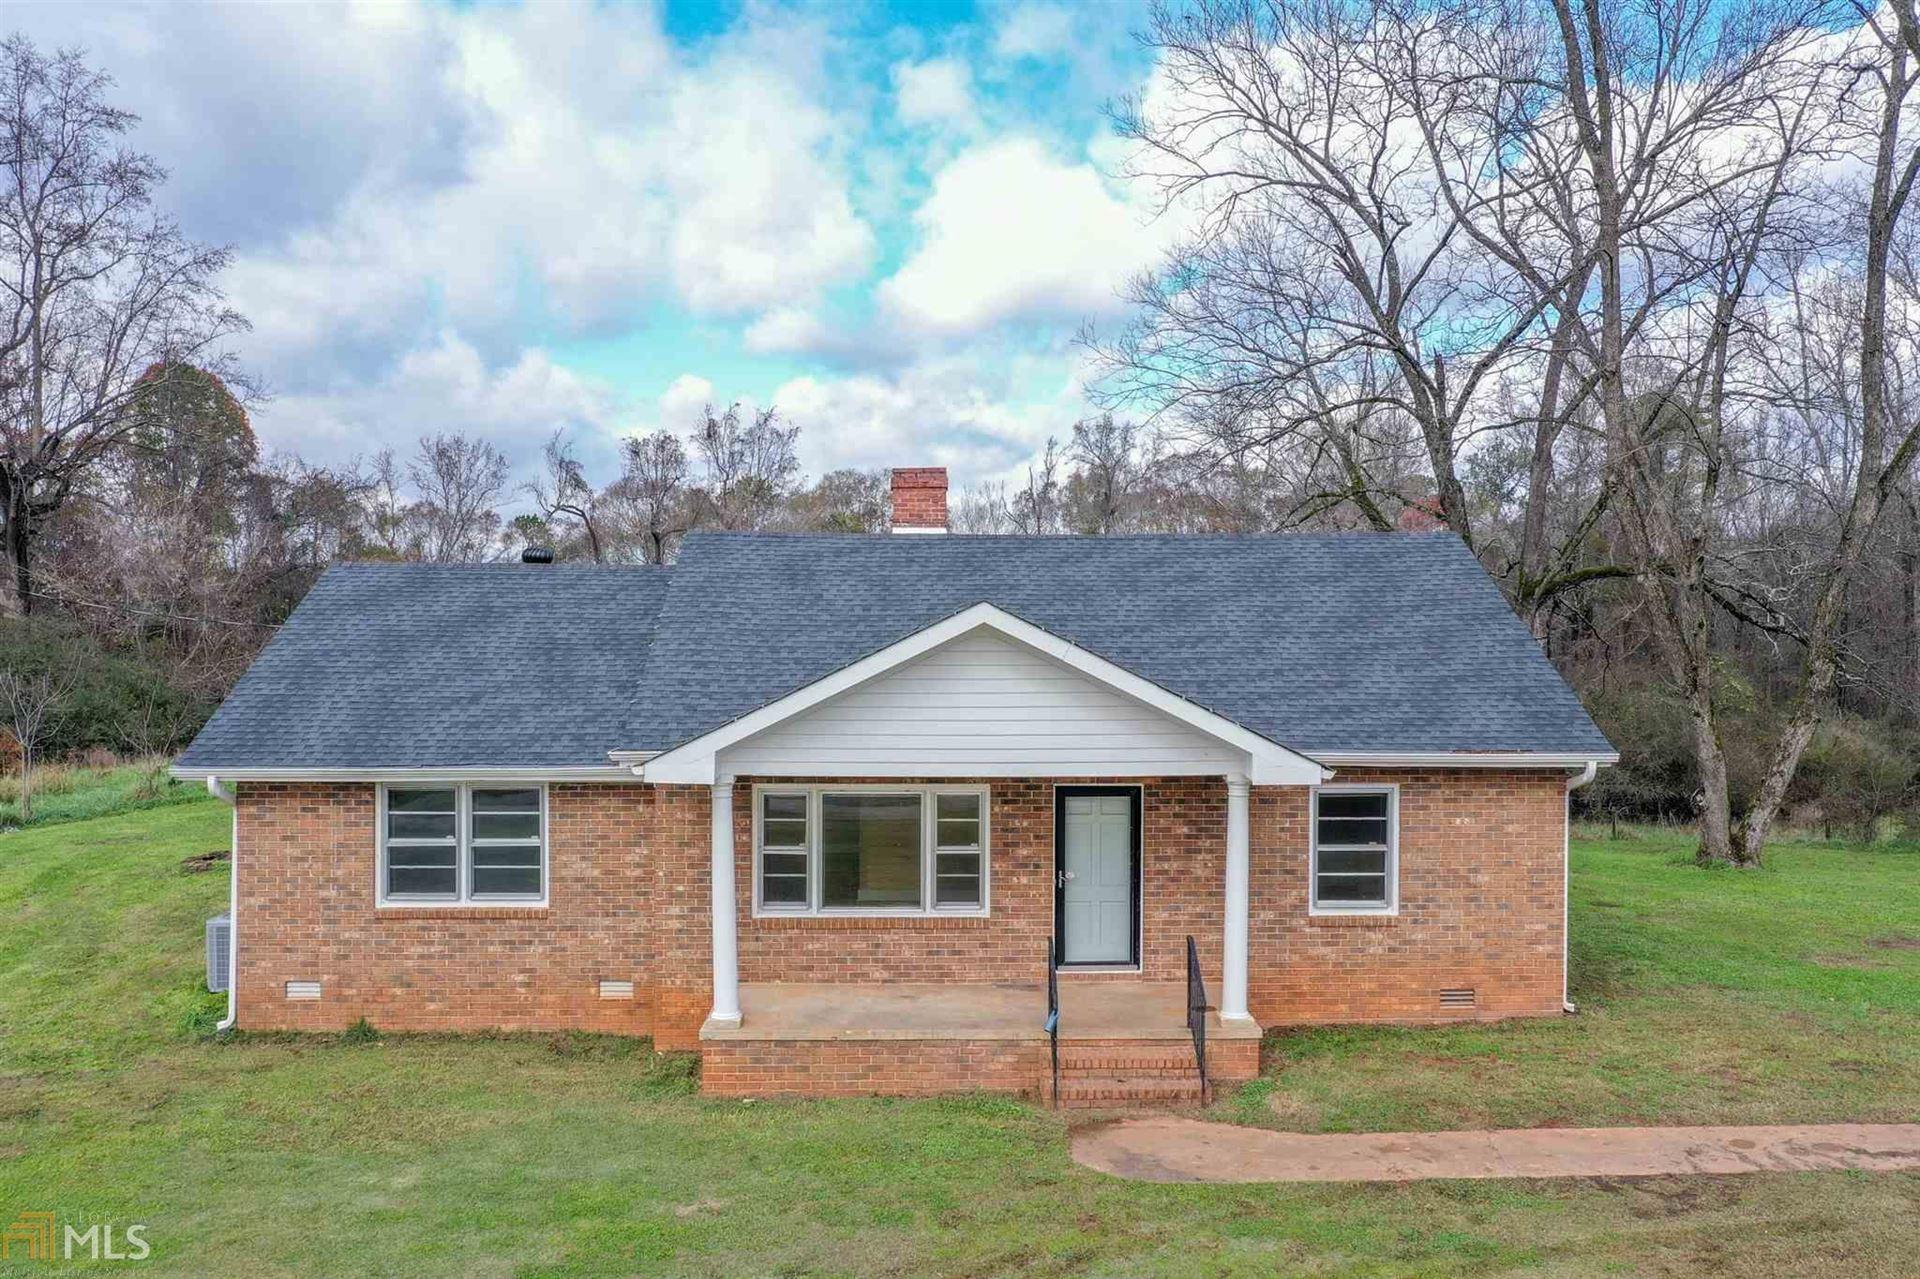 1605 Cooper Farm Rd, Nicholson, GA 30565 - #: 8855079